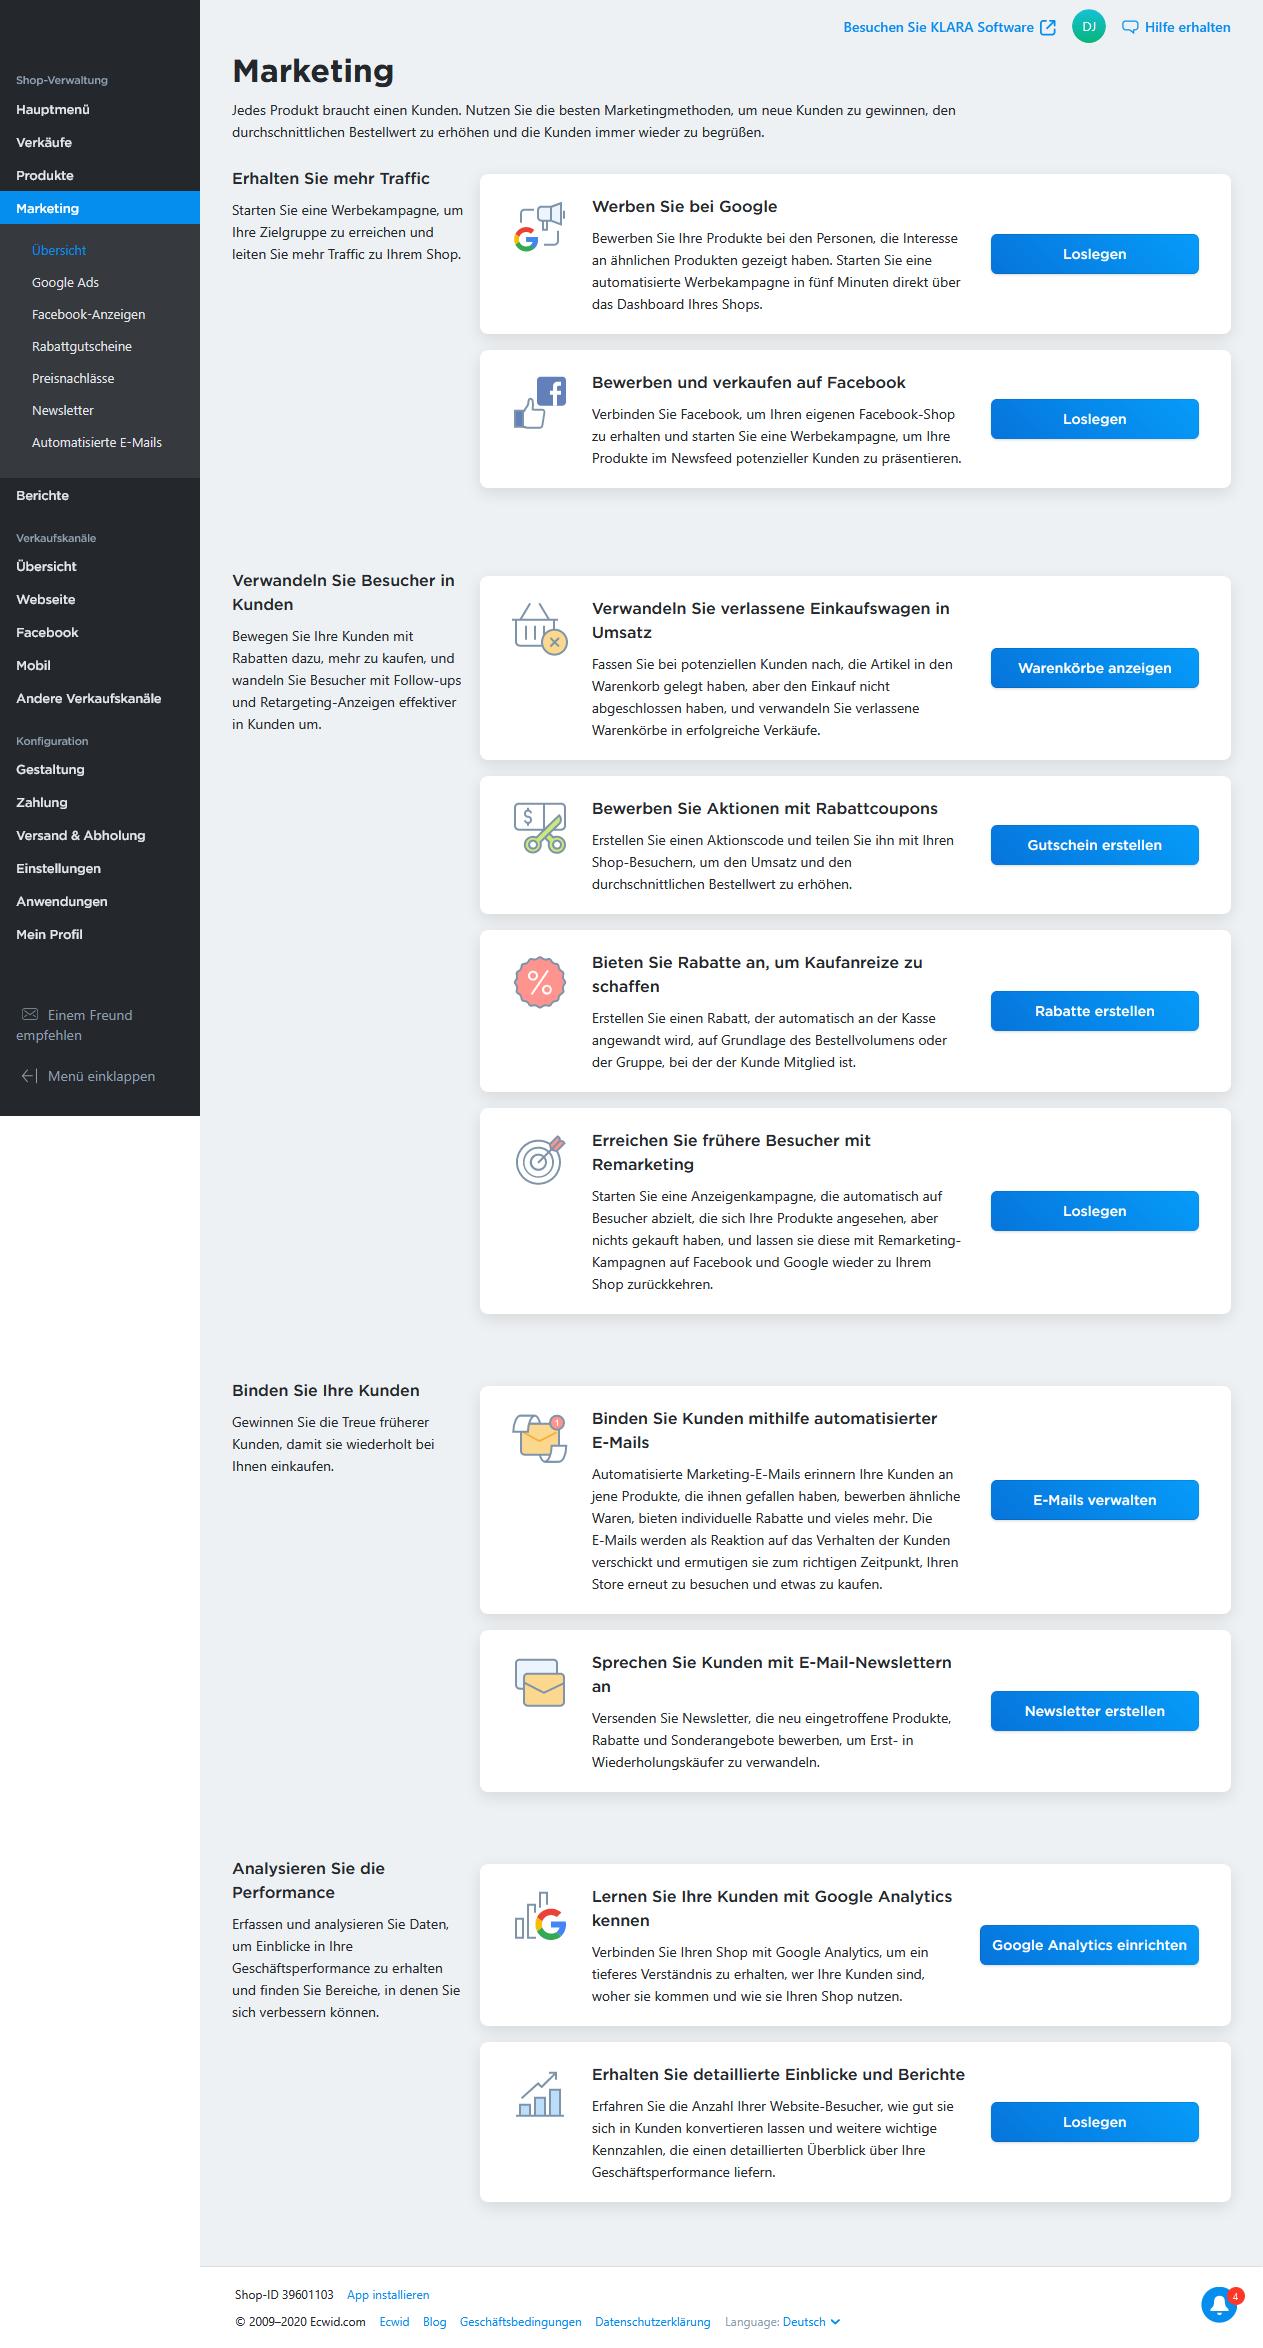 Remarketing, Newsletter versenden, automatisierte Mails und, und ...